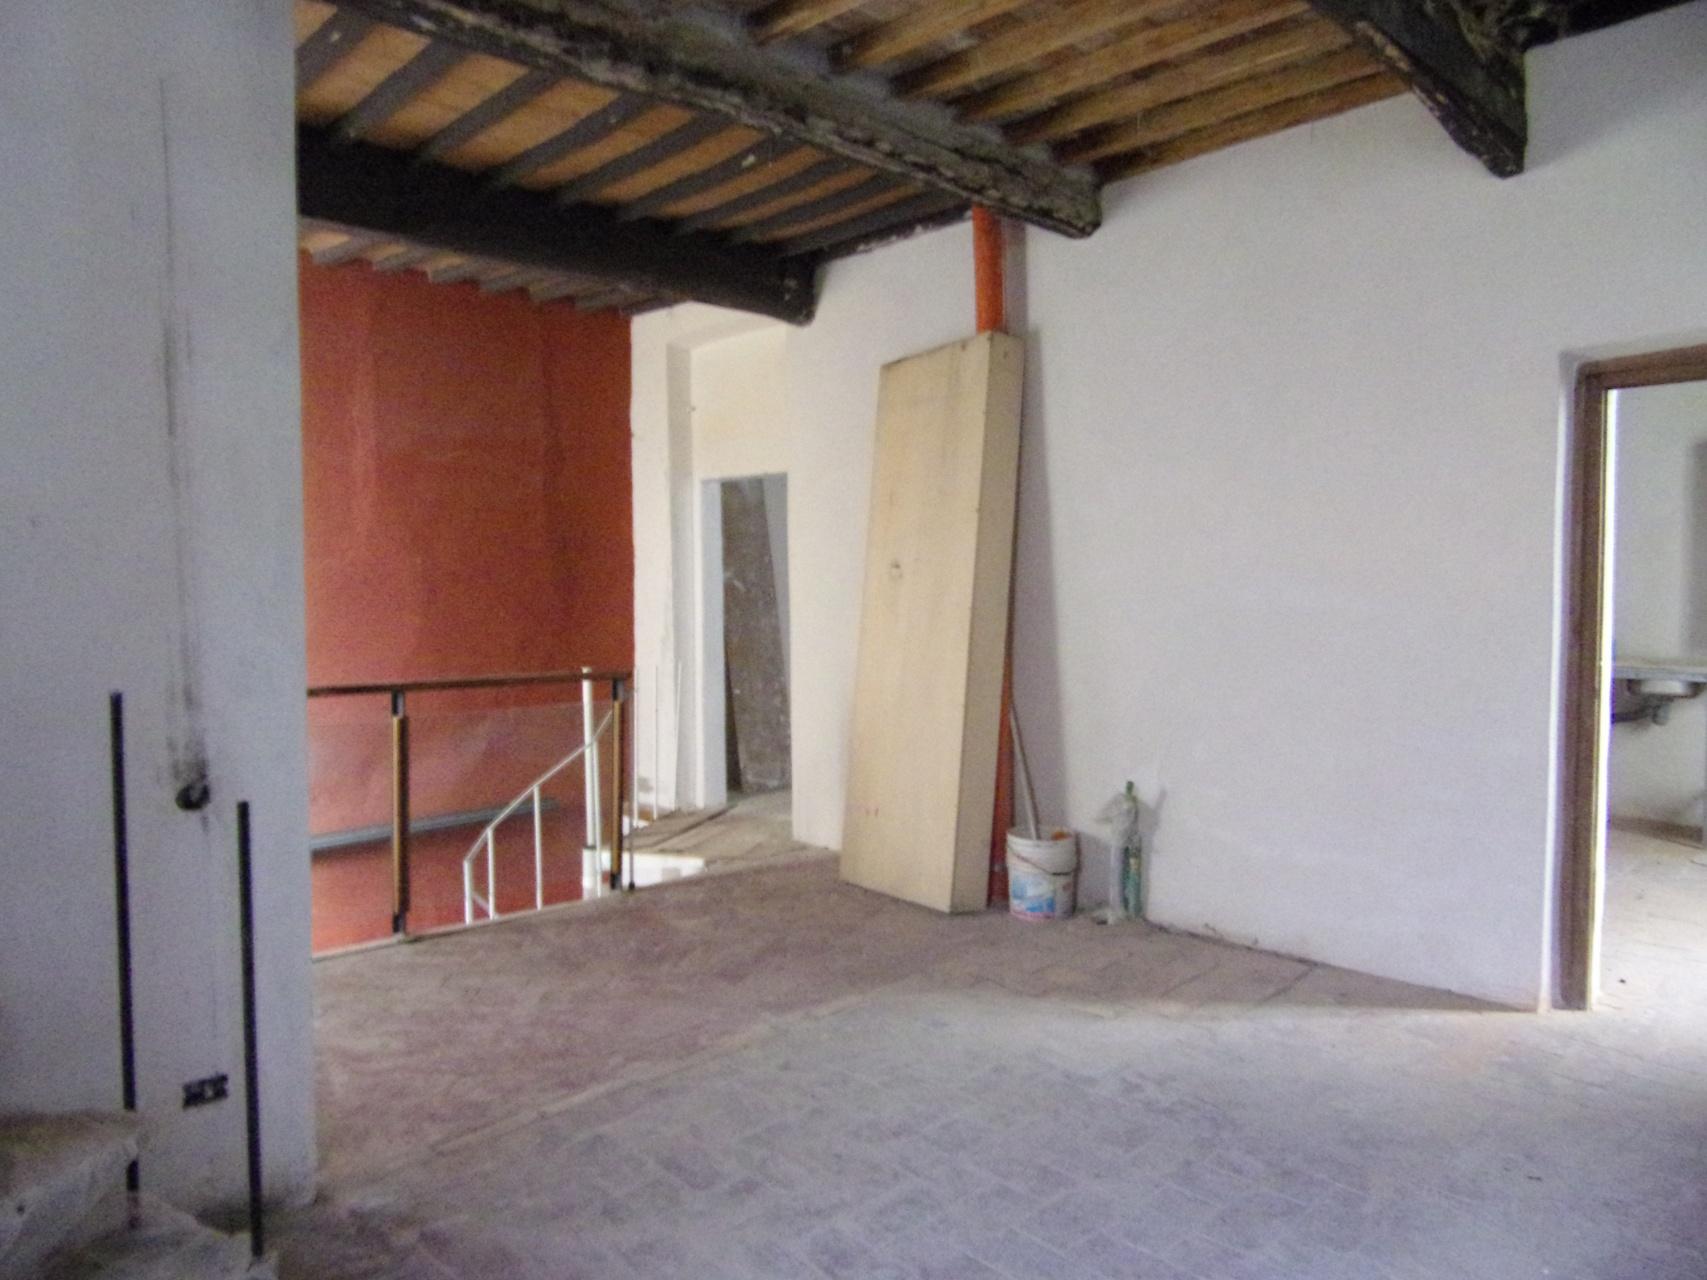 foto Potenziale atelier su tre livelli con due ingressi indipendenti, situato nel centro storico di Barga, Lucca.